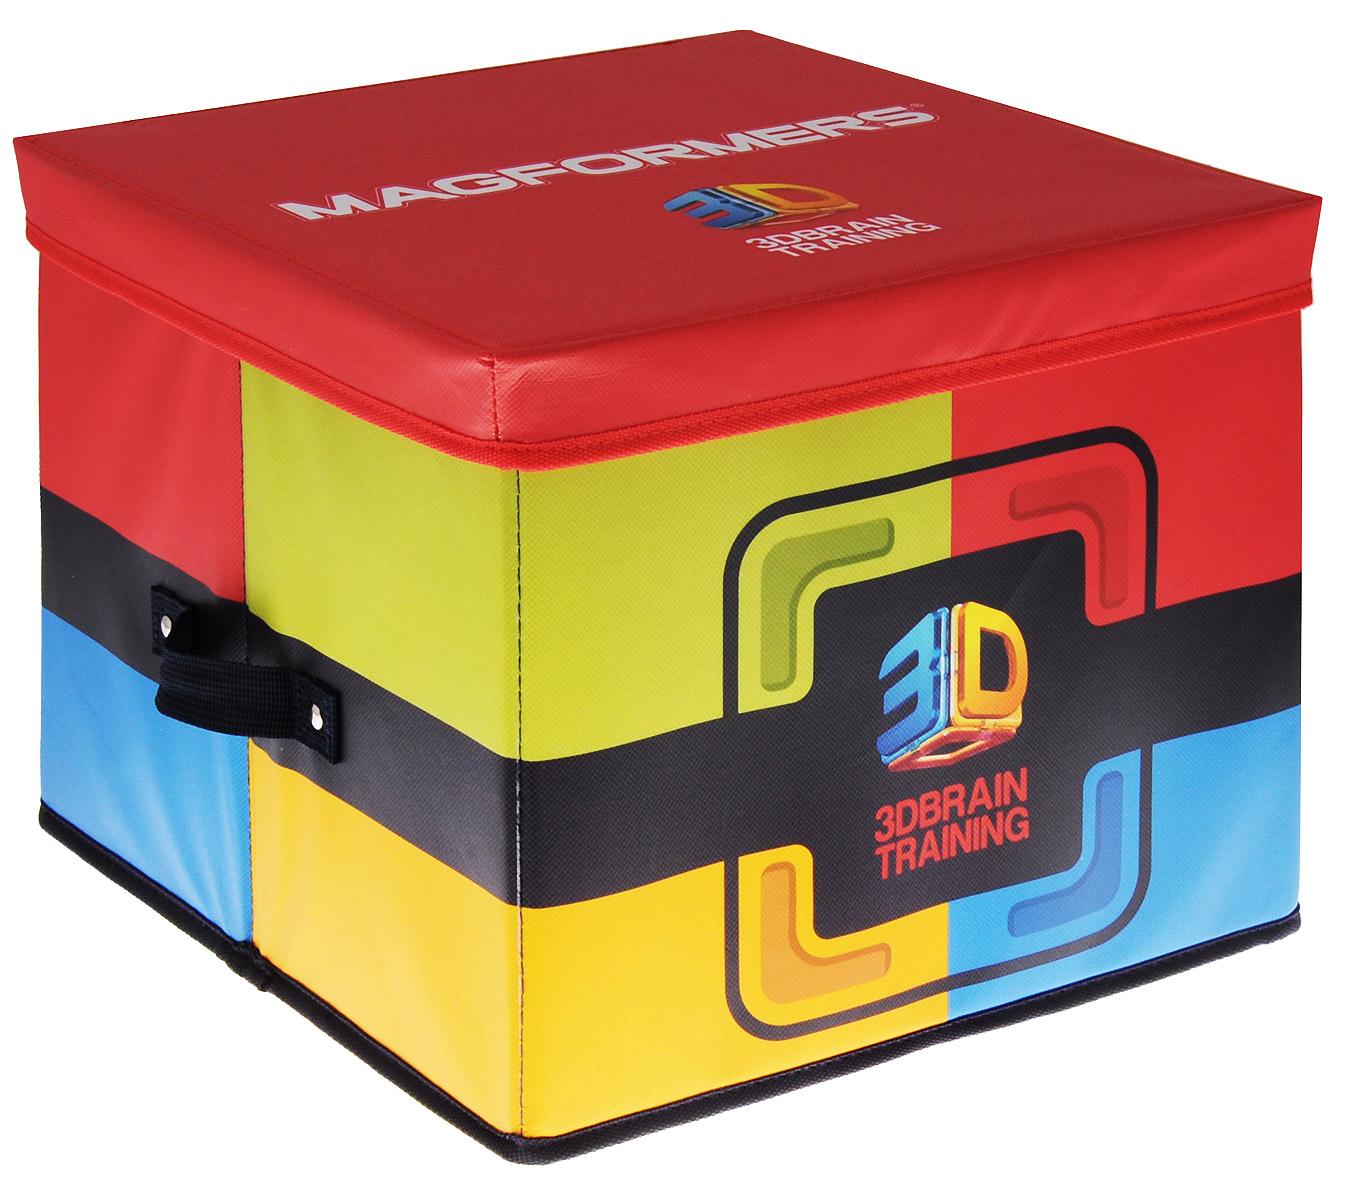 Magformers Коробка для хранения конструктора60100Вы не знаете, где хранить ваш любимый конструктор? Коробка для хранения конструктора Magformers - отличное решение!Коробка имеет два отсека для хранения различных деталей конструктора и карман для книги идей, тематических карт или фотографий ваших построек. Корпус так прочен, что может послужить даже детским стульчиком.Коробка позволит сохранить конструктор и не потерять элементы, а также защитить их от пыли, грязи и влаги.Удобно складывается, что делает его очень компактным при хранении.